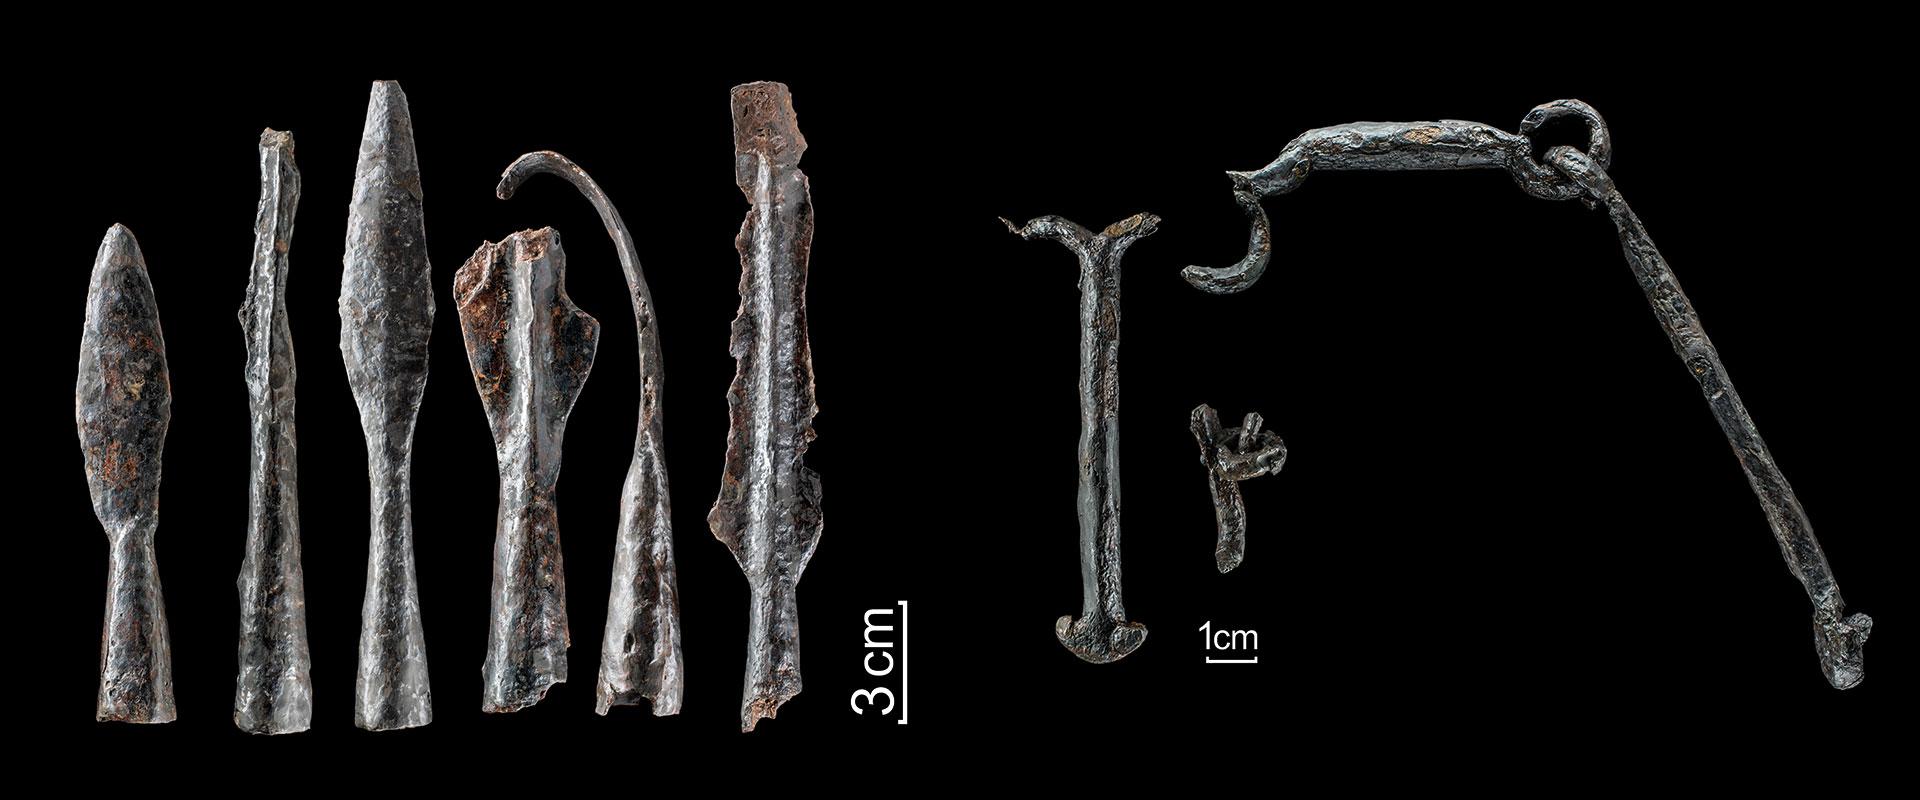 Kulturweg Eisen Eisenzeitliche Eisenzeitliche Wallburg Funde Fragmente einer eisenzeitlichen Kette Waffenausrüstungen